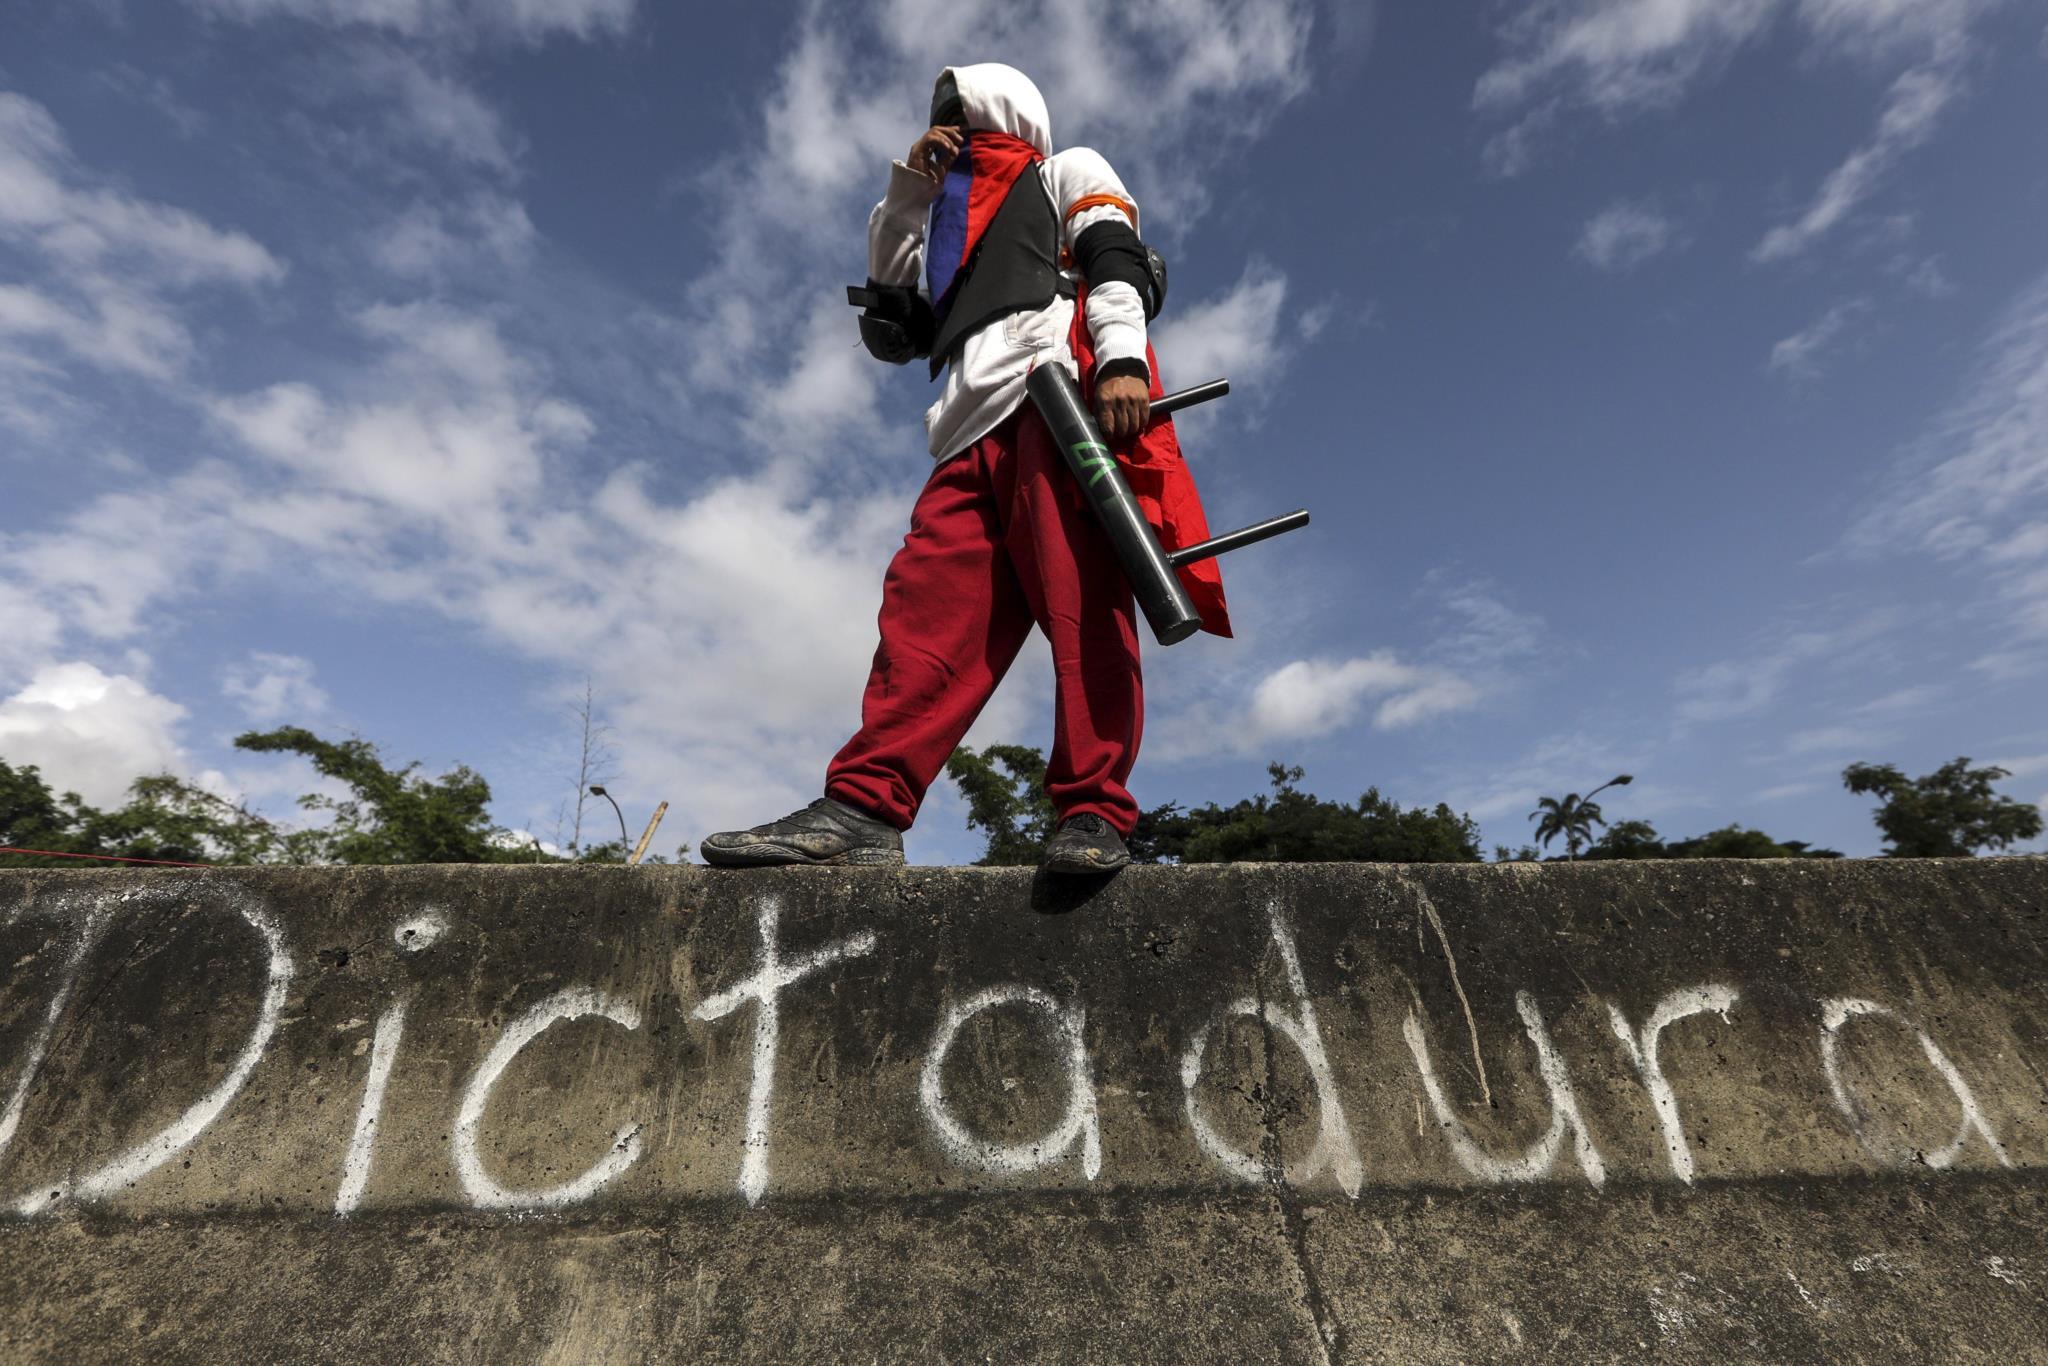 PÚBLICO - As ruas de Venezuela: desertas, bloqueadas e a arder